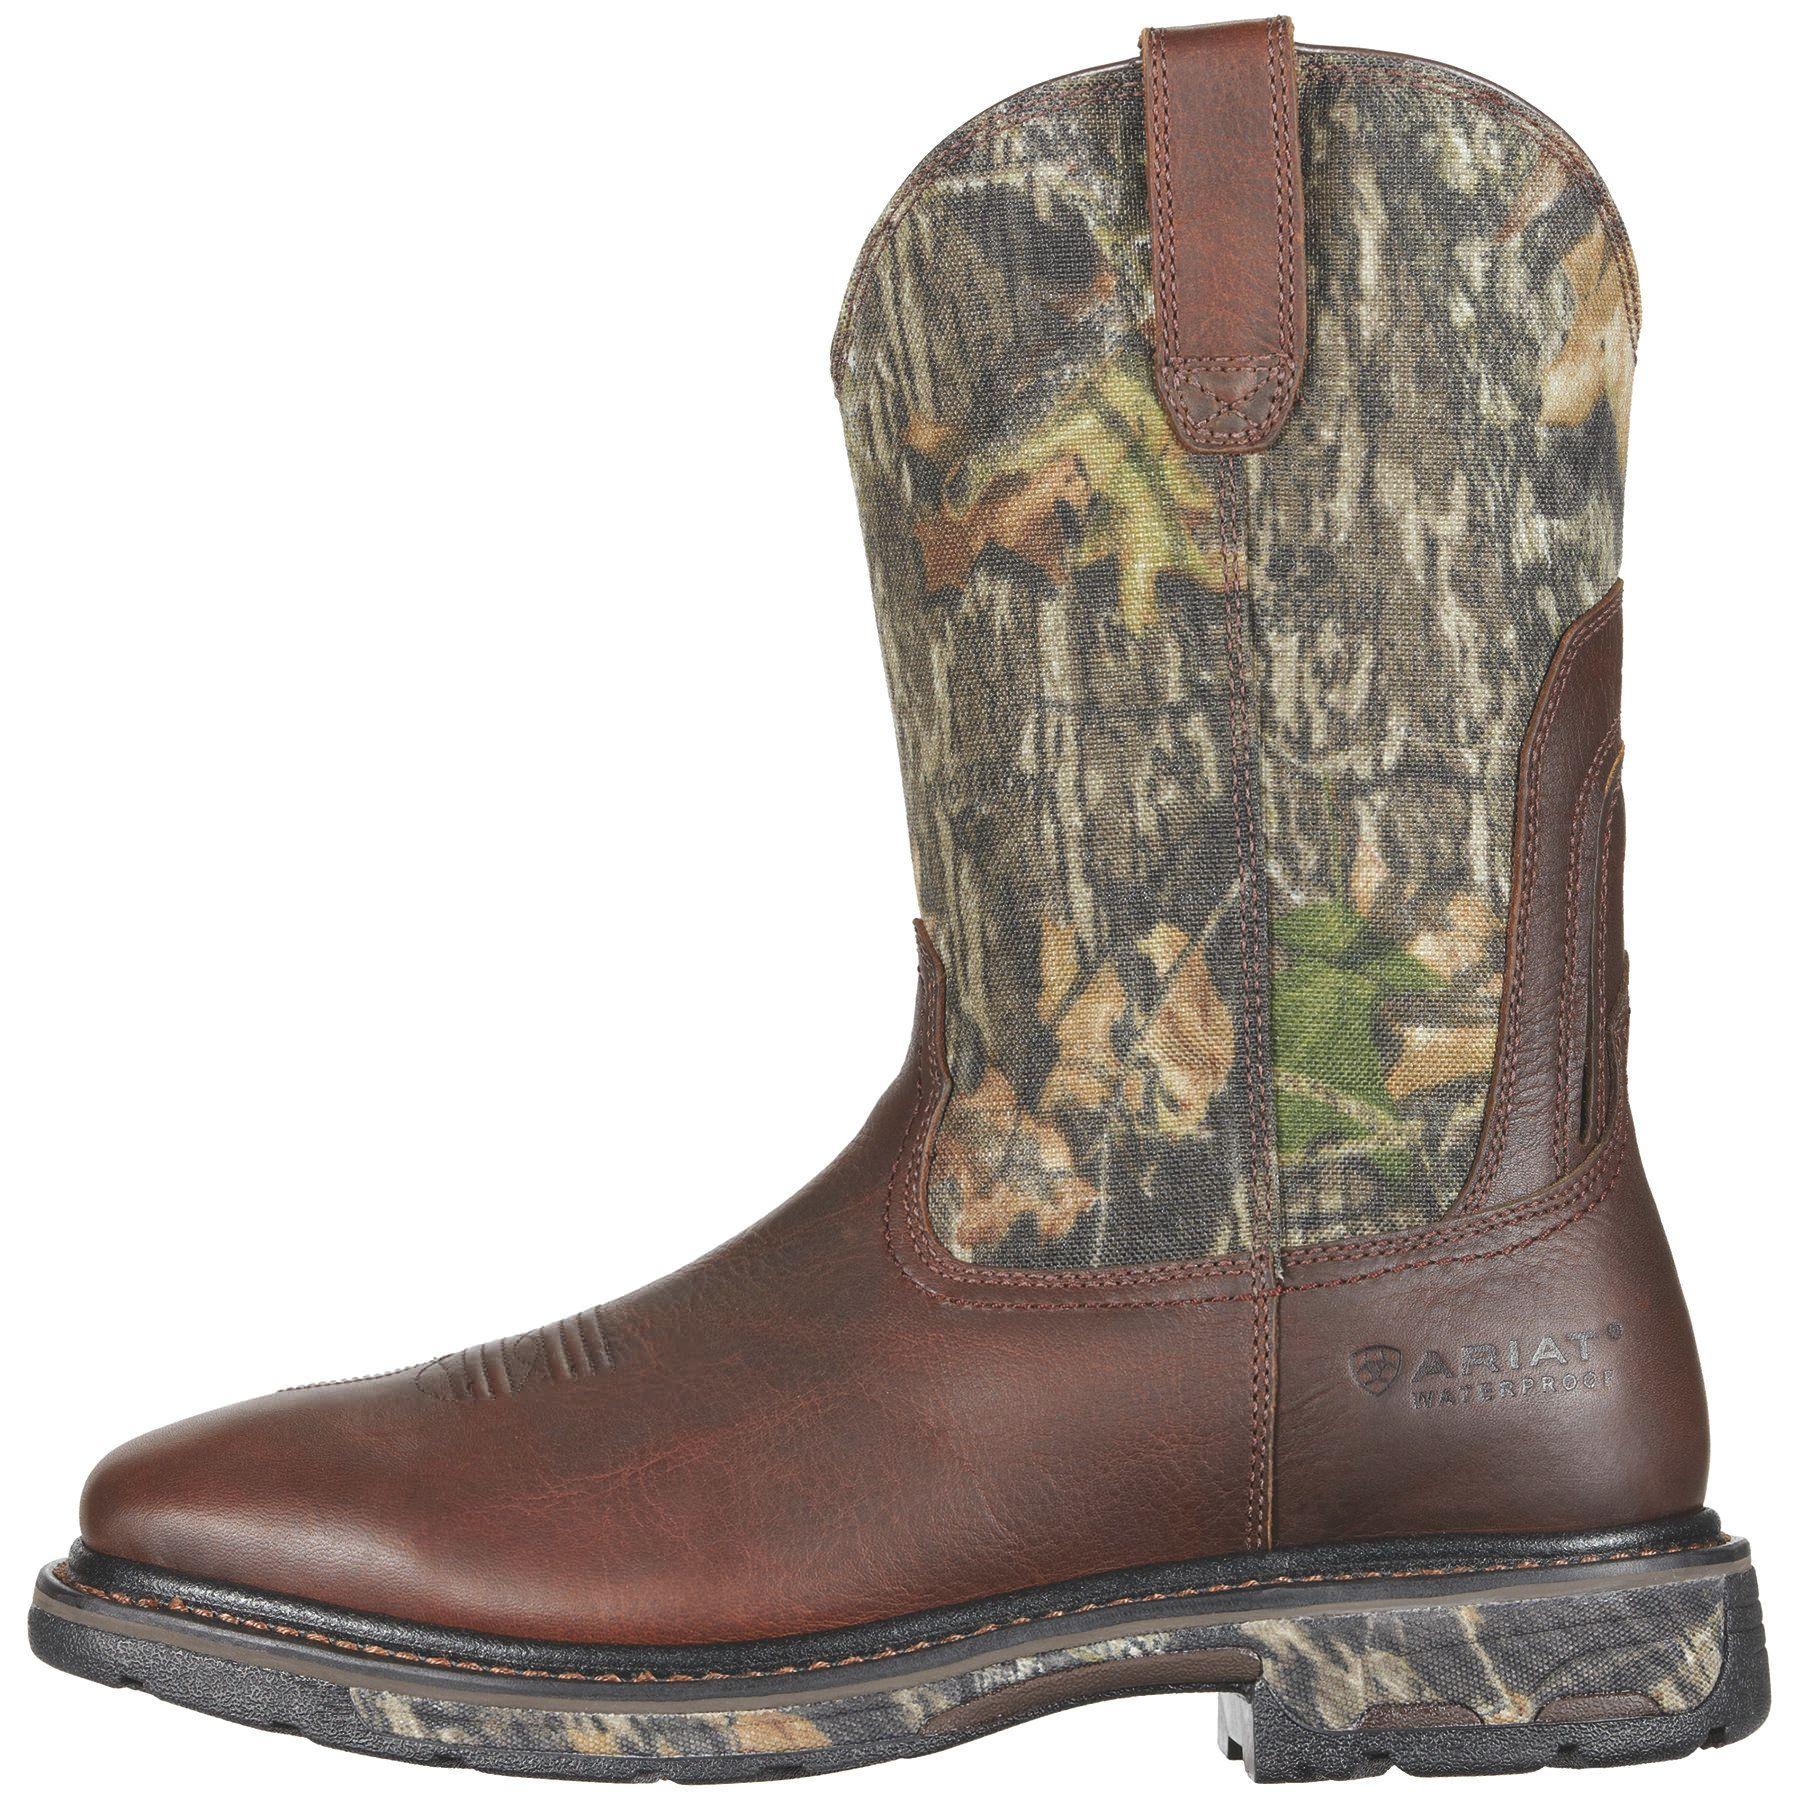 Workhog Wide Square Toe Waterproof Steel Toe Work Boot Steel Toe Work Boots Steel Toe Boots